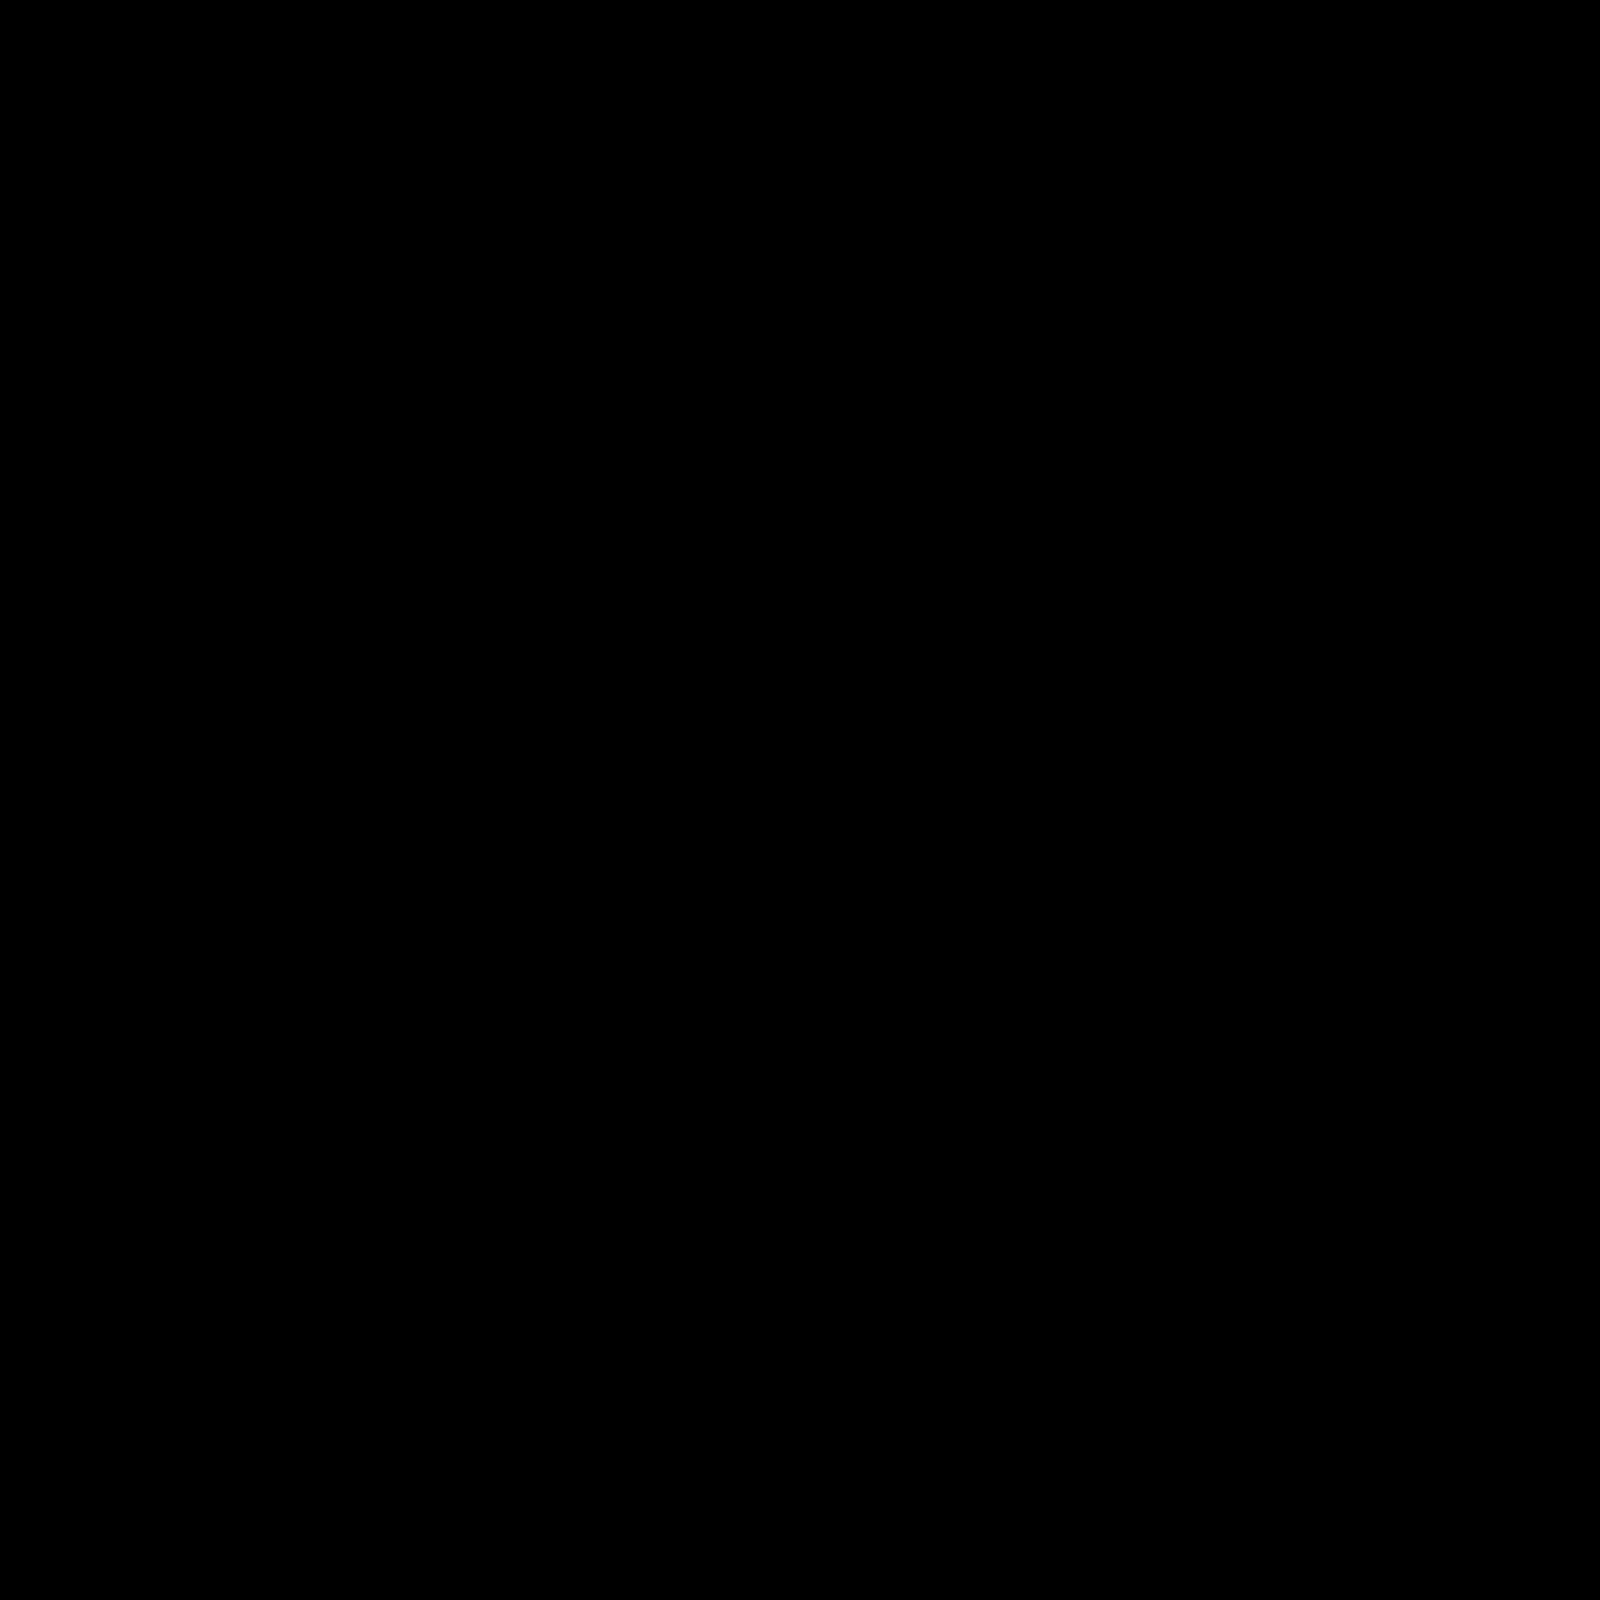 Okulary icon